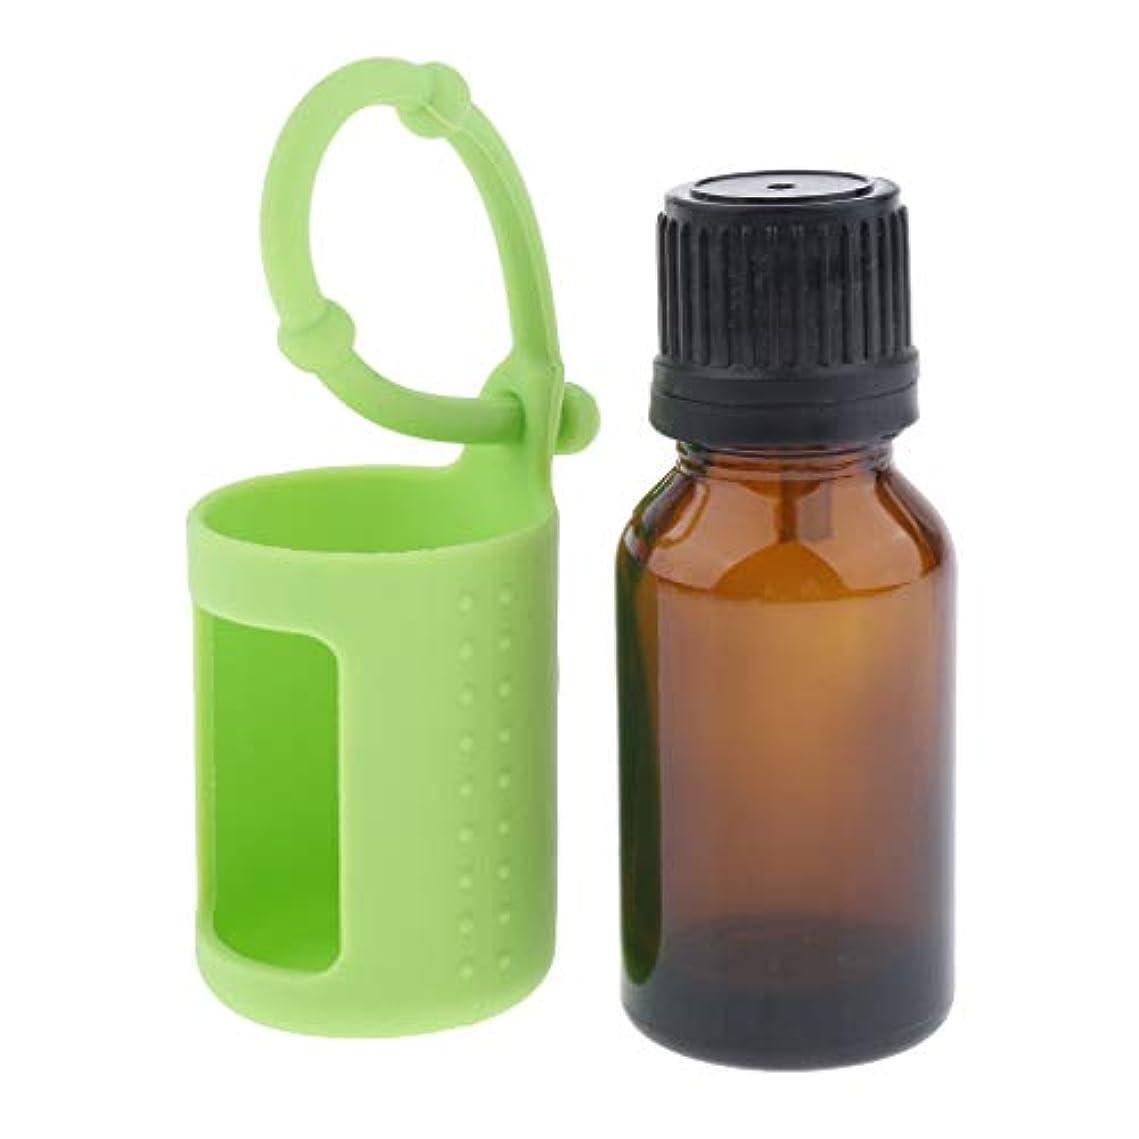 新年ピカリング宣伝D DOLITY アロマ保存容器 直立状態 貯蔵ボトル 詰め替え可能 シリコン 保護カバー 15ミリリットル 6色選ぶ - 緑, 説明したように